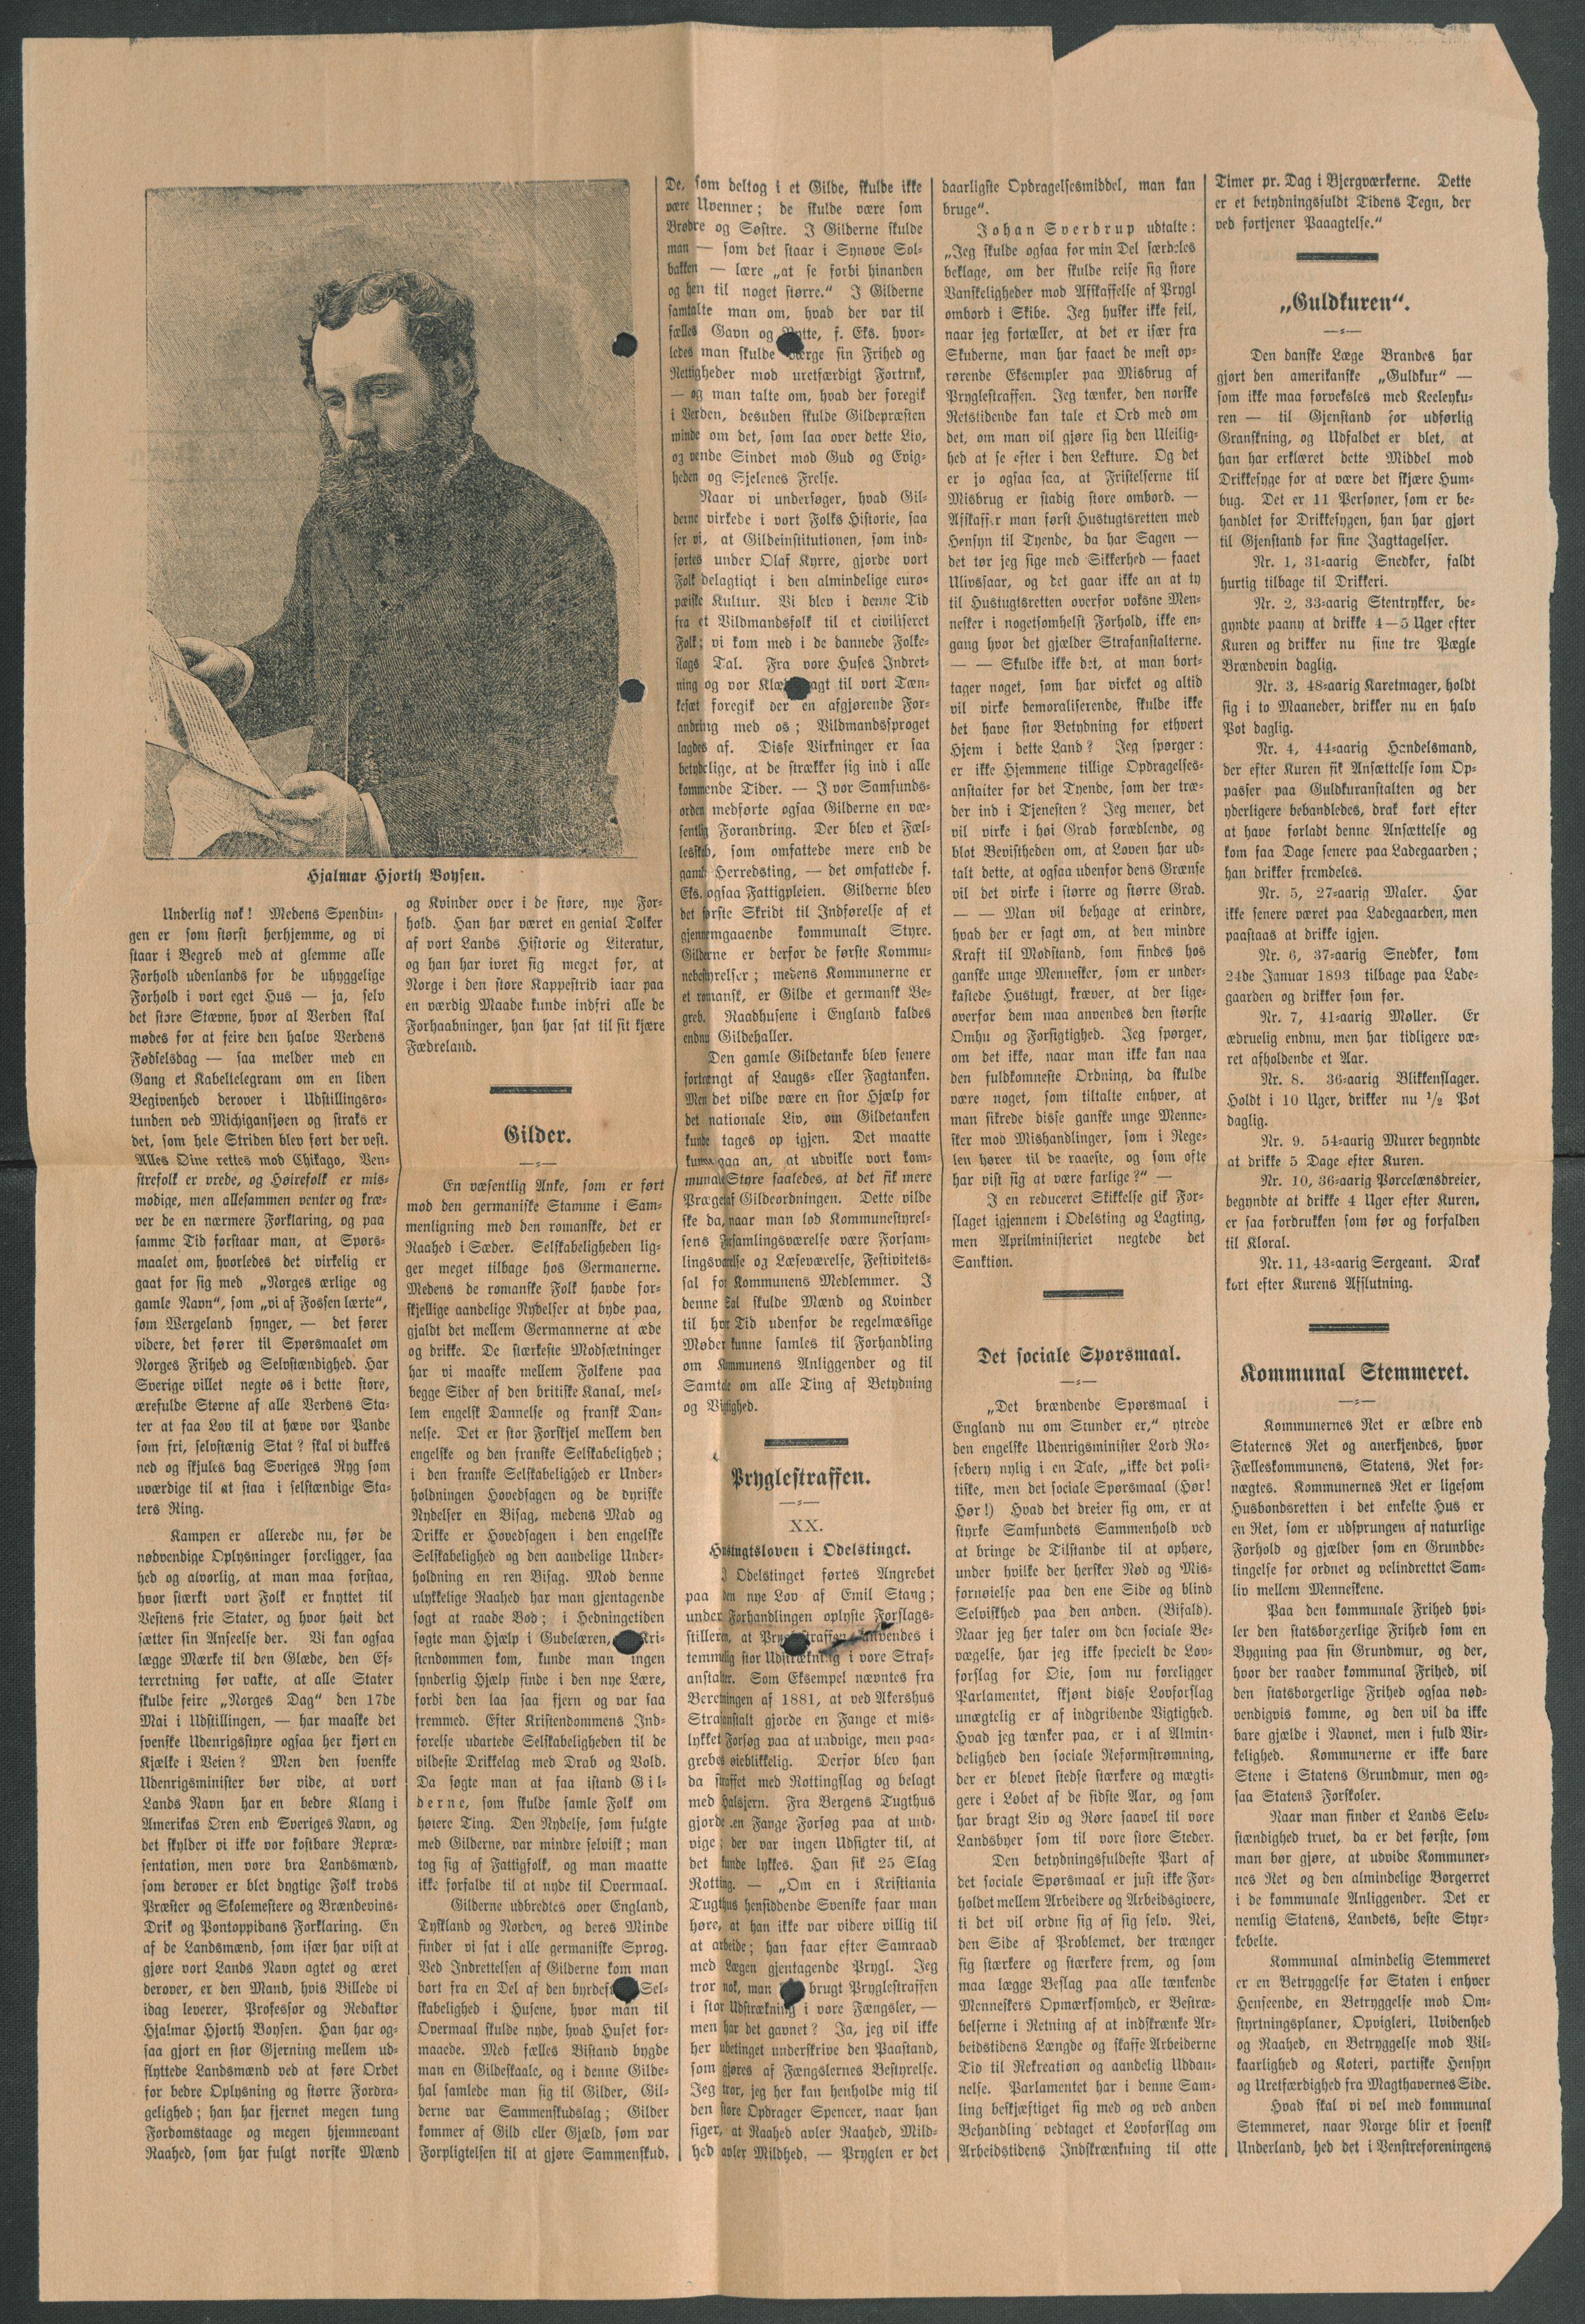 RA, Arbeidskomitéen for Fridtjof Nansens polarekspedisjon, D/L0003: Innk. brev og telegrammer vedr. proviant og utrustning, 1893, s. 406